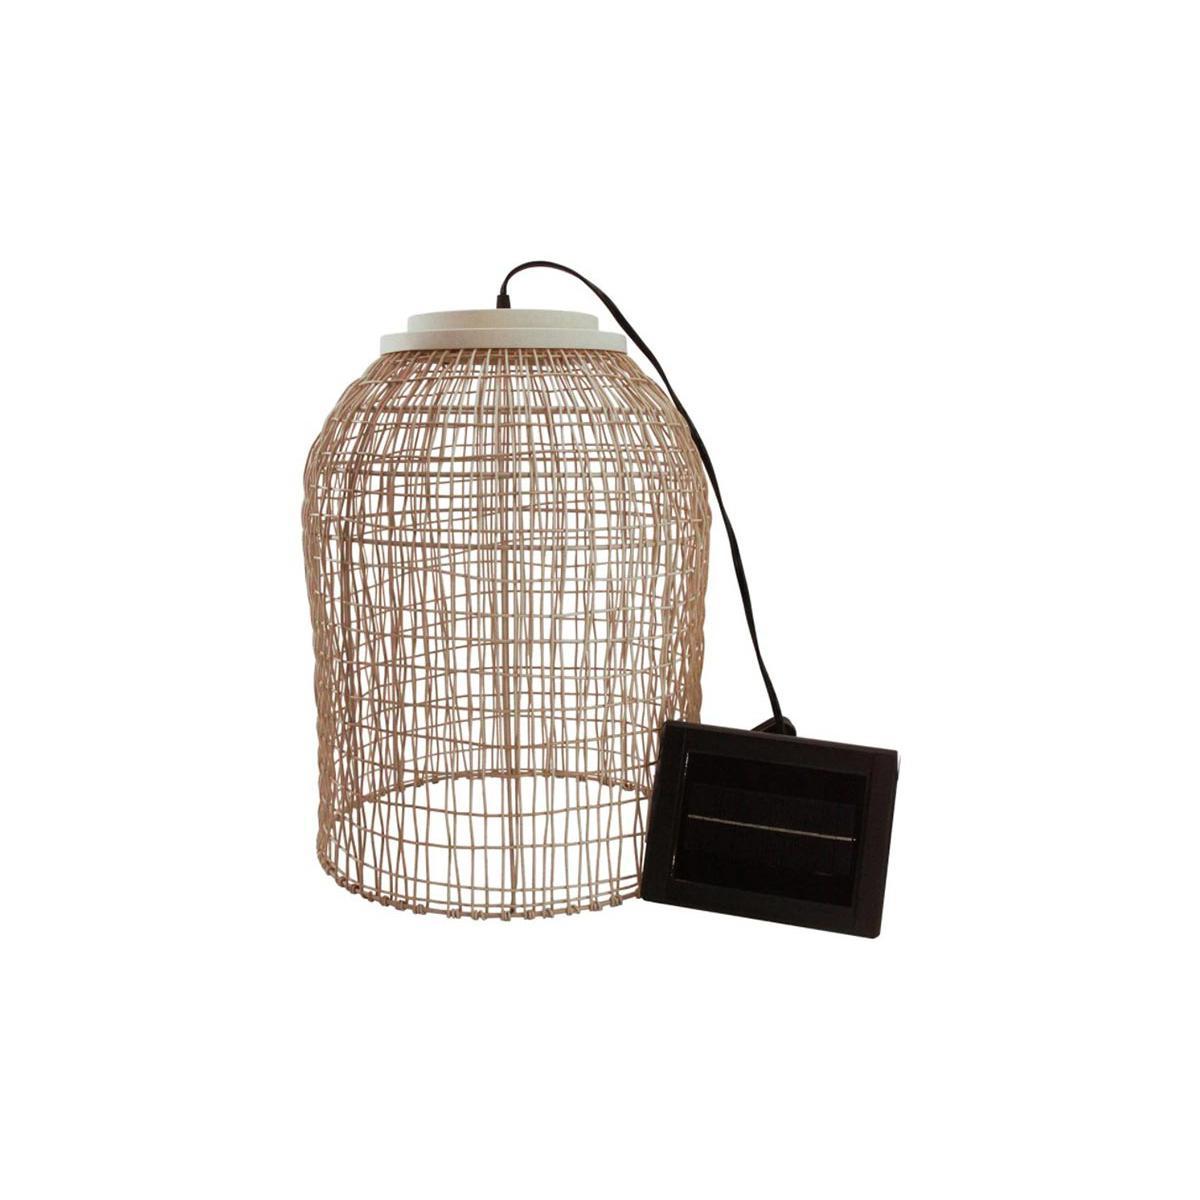 Lumisky Suspension solaire bohème naturel style vannerie tressée LED blanc chaud KO SAMUY H 46 cm